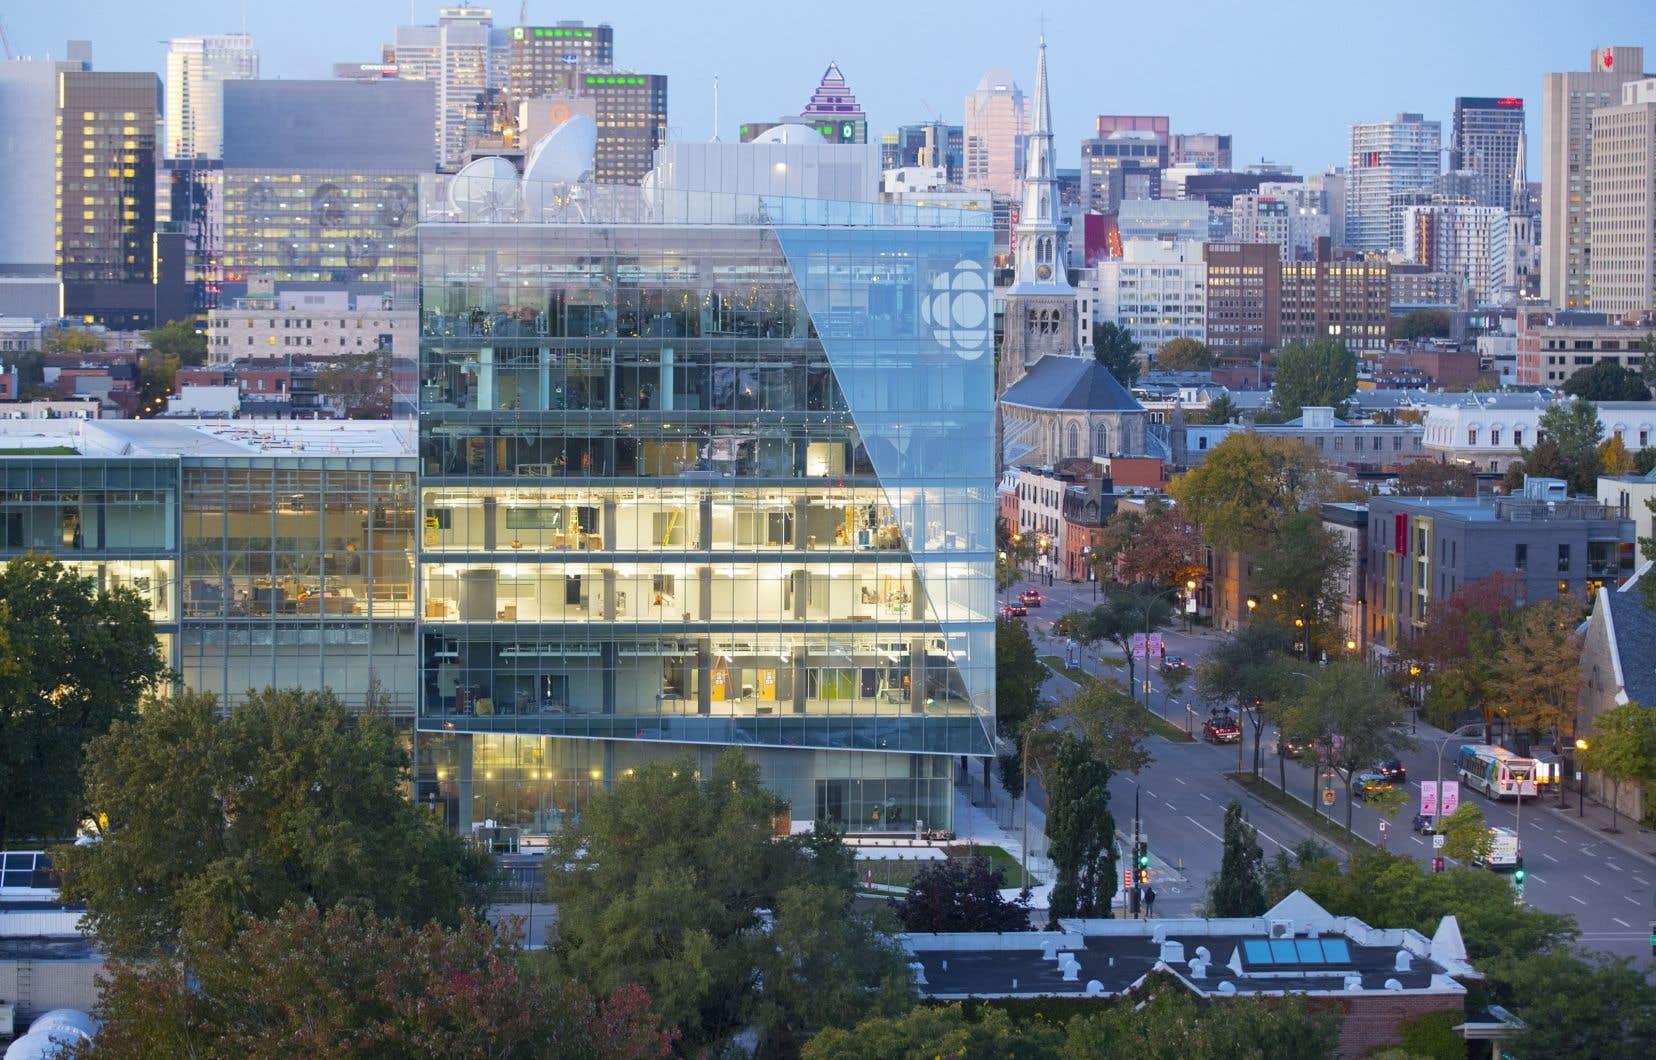 Dans la nouvelle maison de Radio-Canada, les quelque 2500 employés travailleront en aire ouverte, même la direction. Le bâtiment fera environ 400000 pieds carrés, alors que les locaux actuels s'étendent sur 1,3million de pieds carrés.